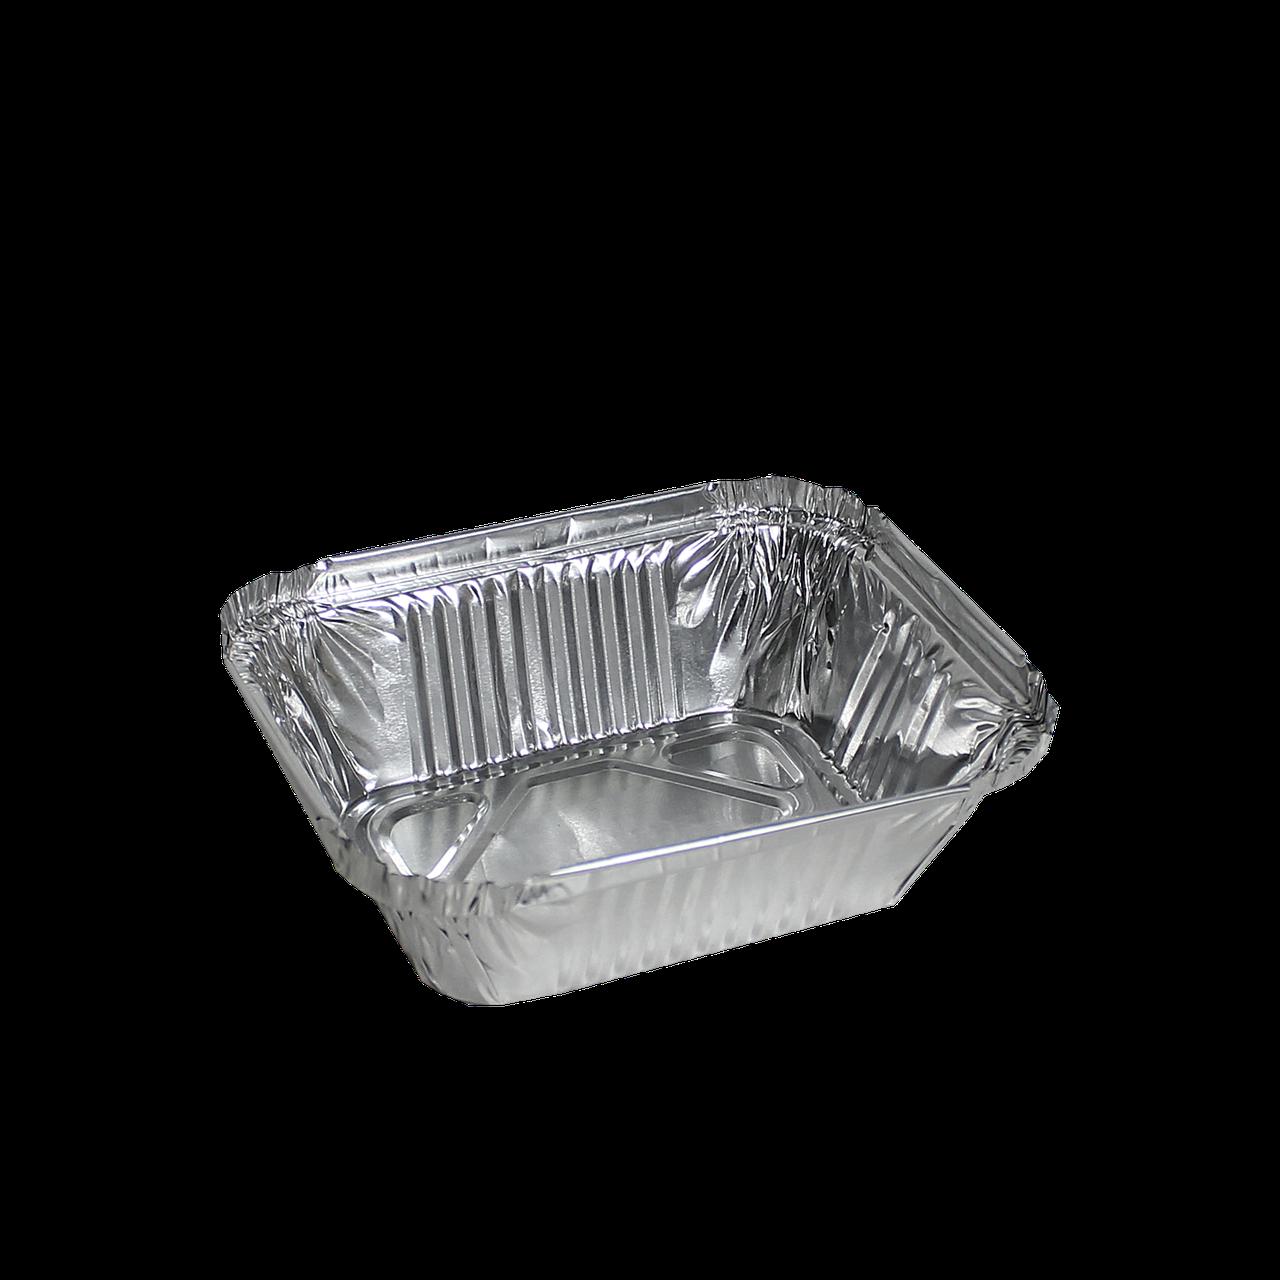 Контейнер прямоугольный из алюминиевой фольги 255мл,123*96*33(SP15L),уп/100шт